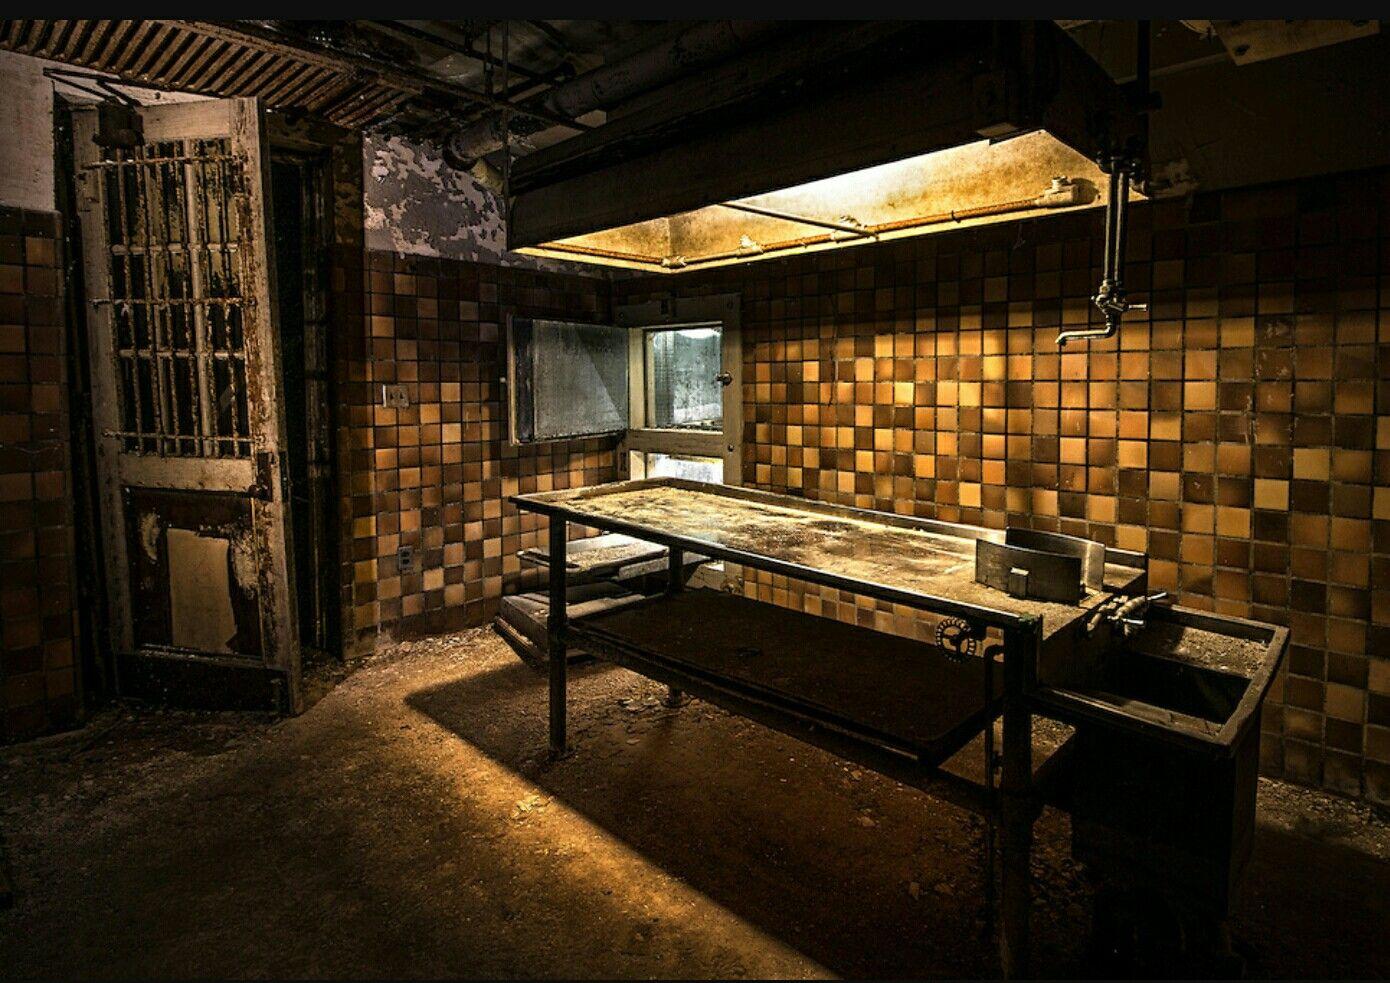 Memphis marine hospital morgue